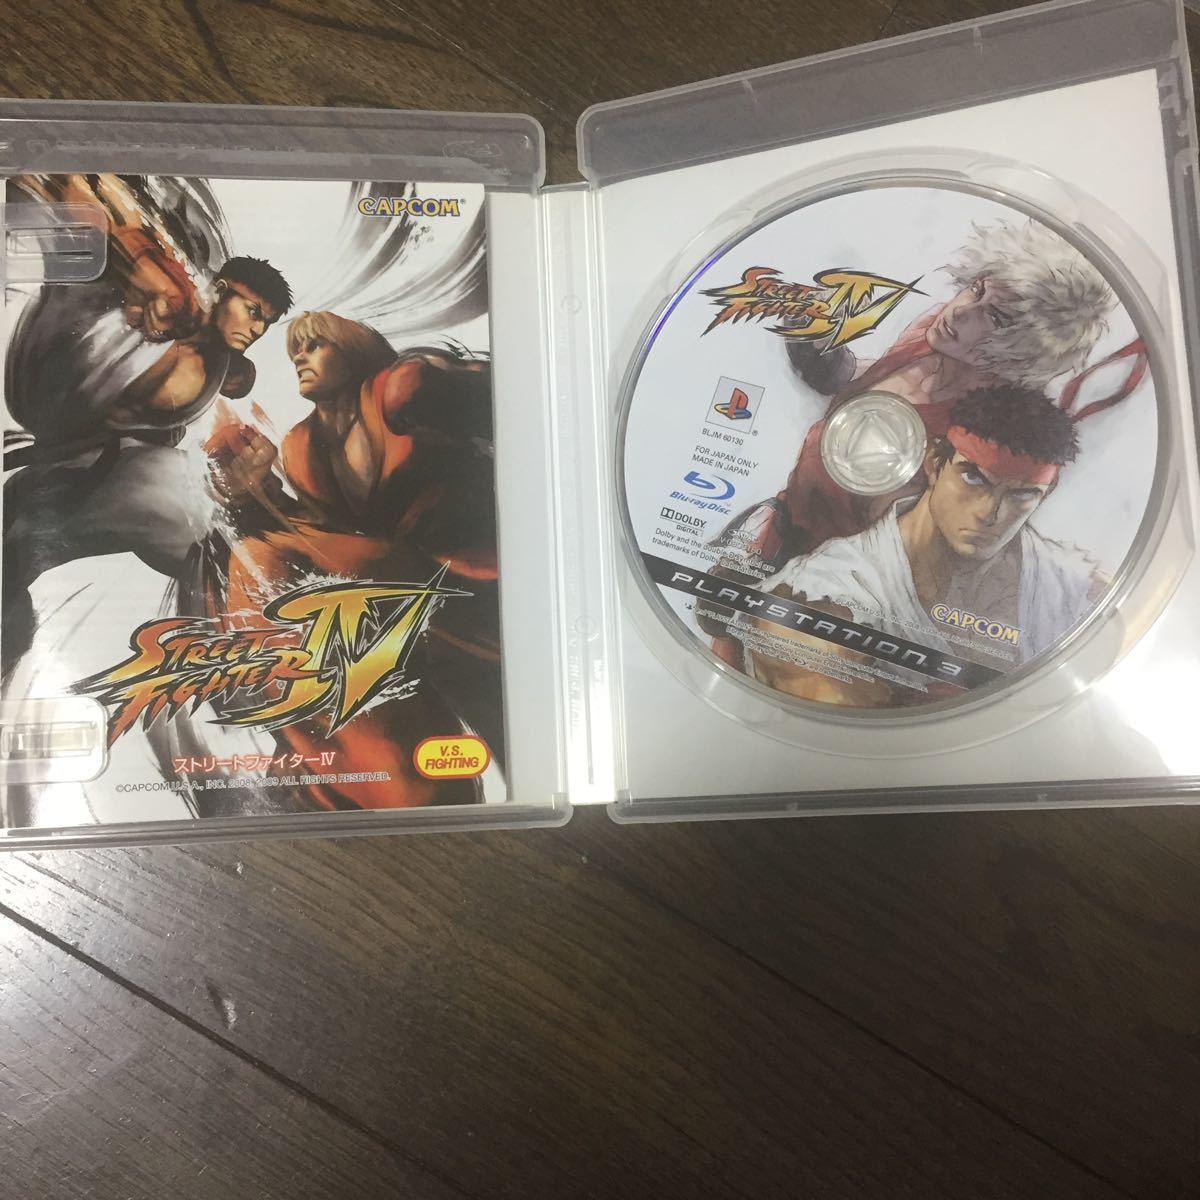 【PS3】 ストリートファイター IV